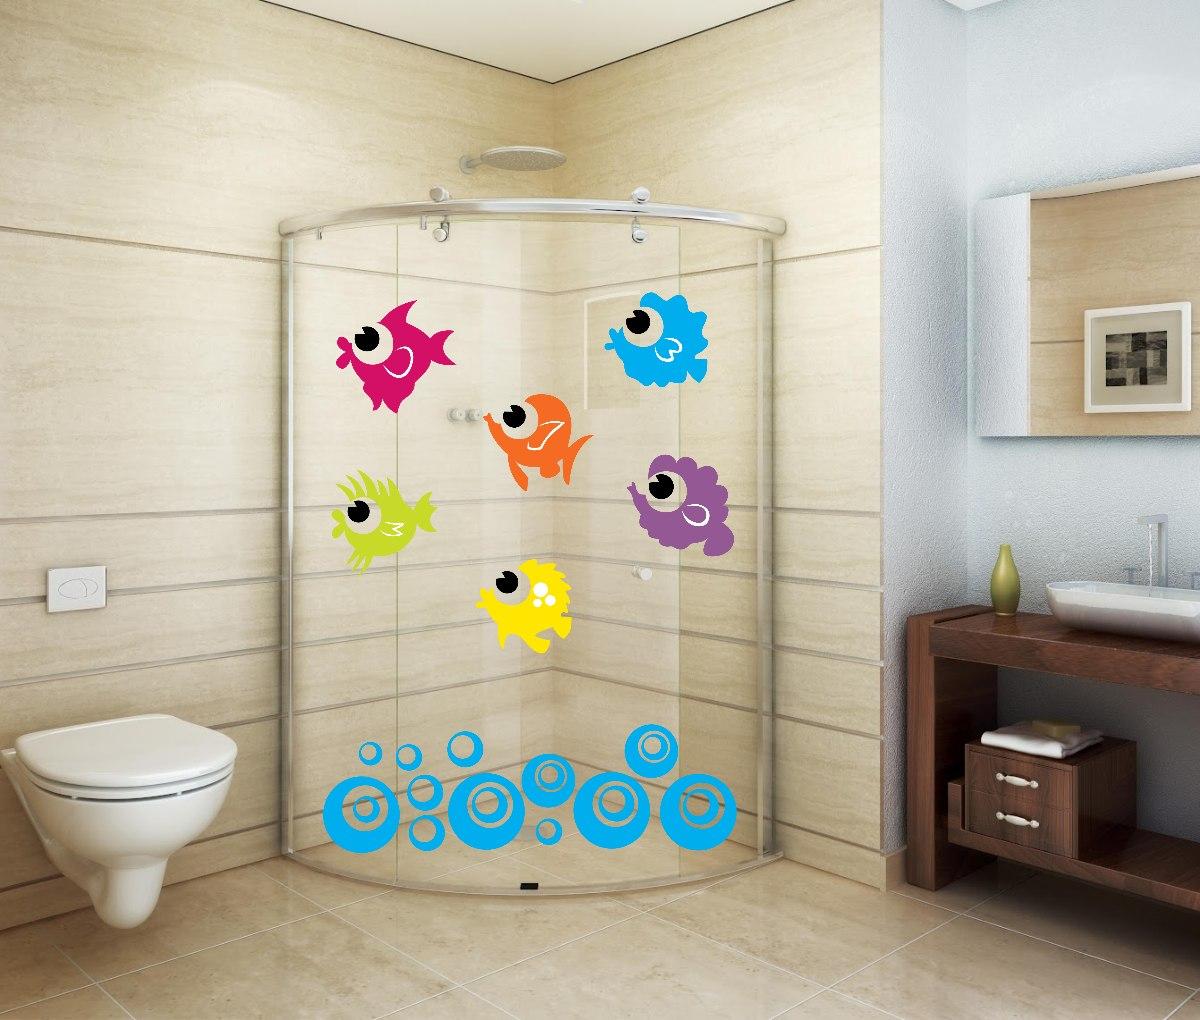 Imagens de #0991C2 Adesivo Decorativo Parede Banheiro Porta Box Bolha Peixe R$ 32 99 no  1200x1020 px 2766 Box Banheiro Novo Hamburgo